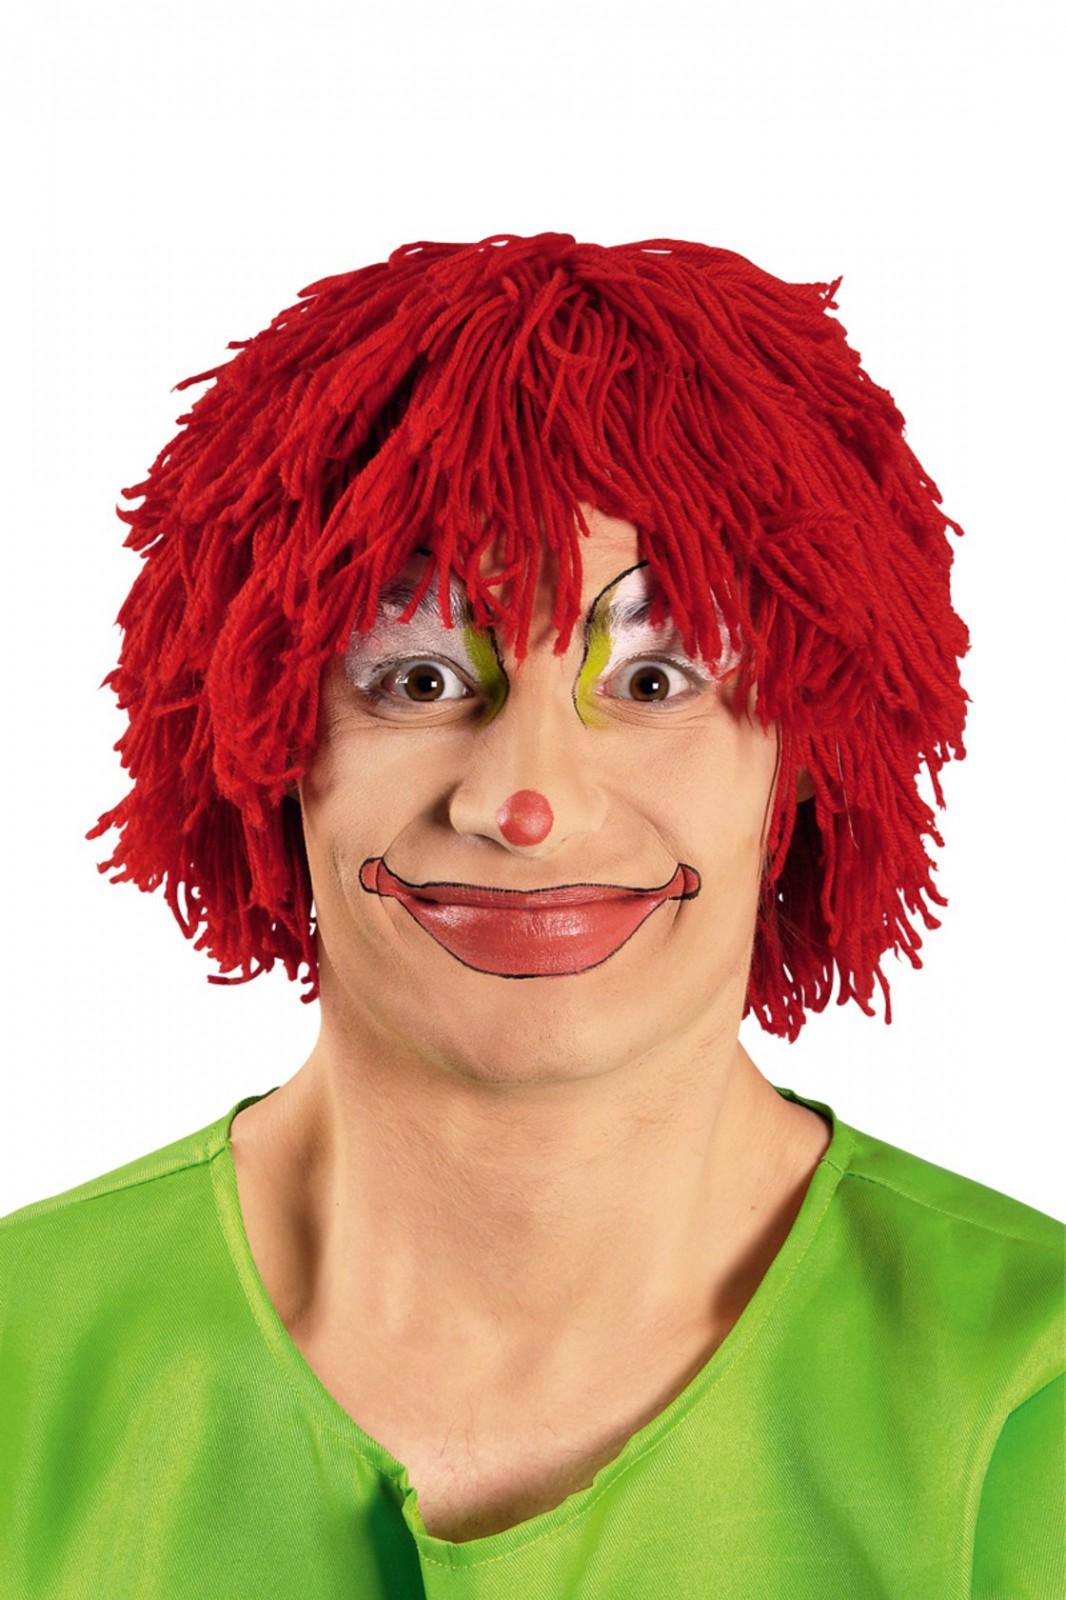 Perucke Clown Rote Wollperucke Clownperucke Karneval Fasching Neu